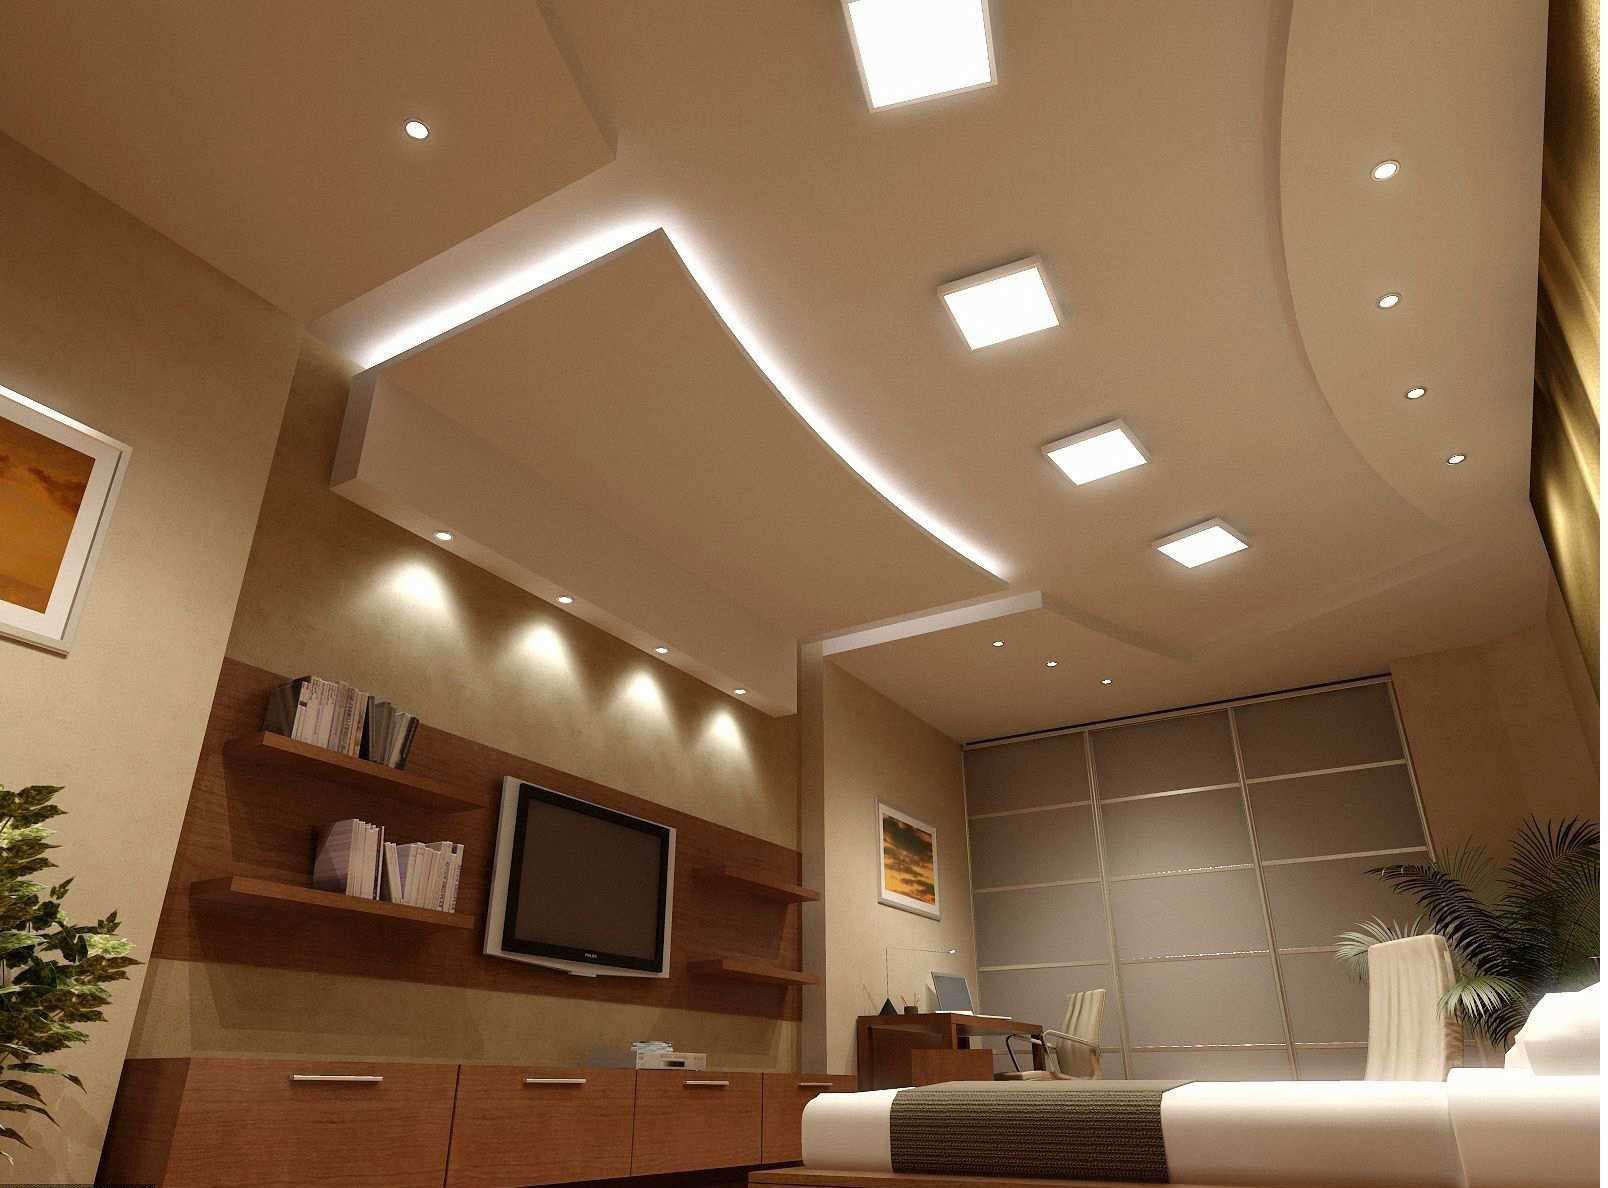 1510841448 beautiful ceiling lighting 1 - Популярные схемы расположения светильников